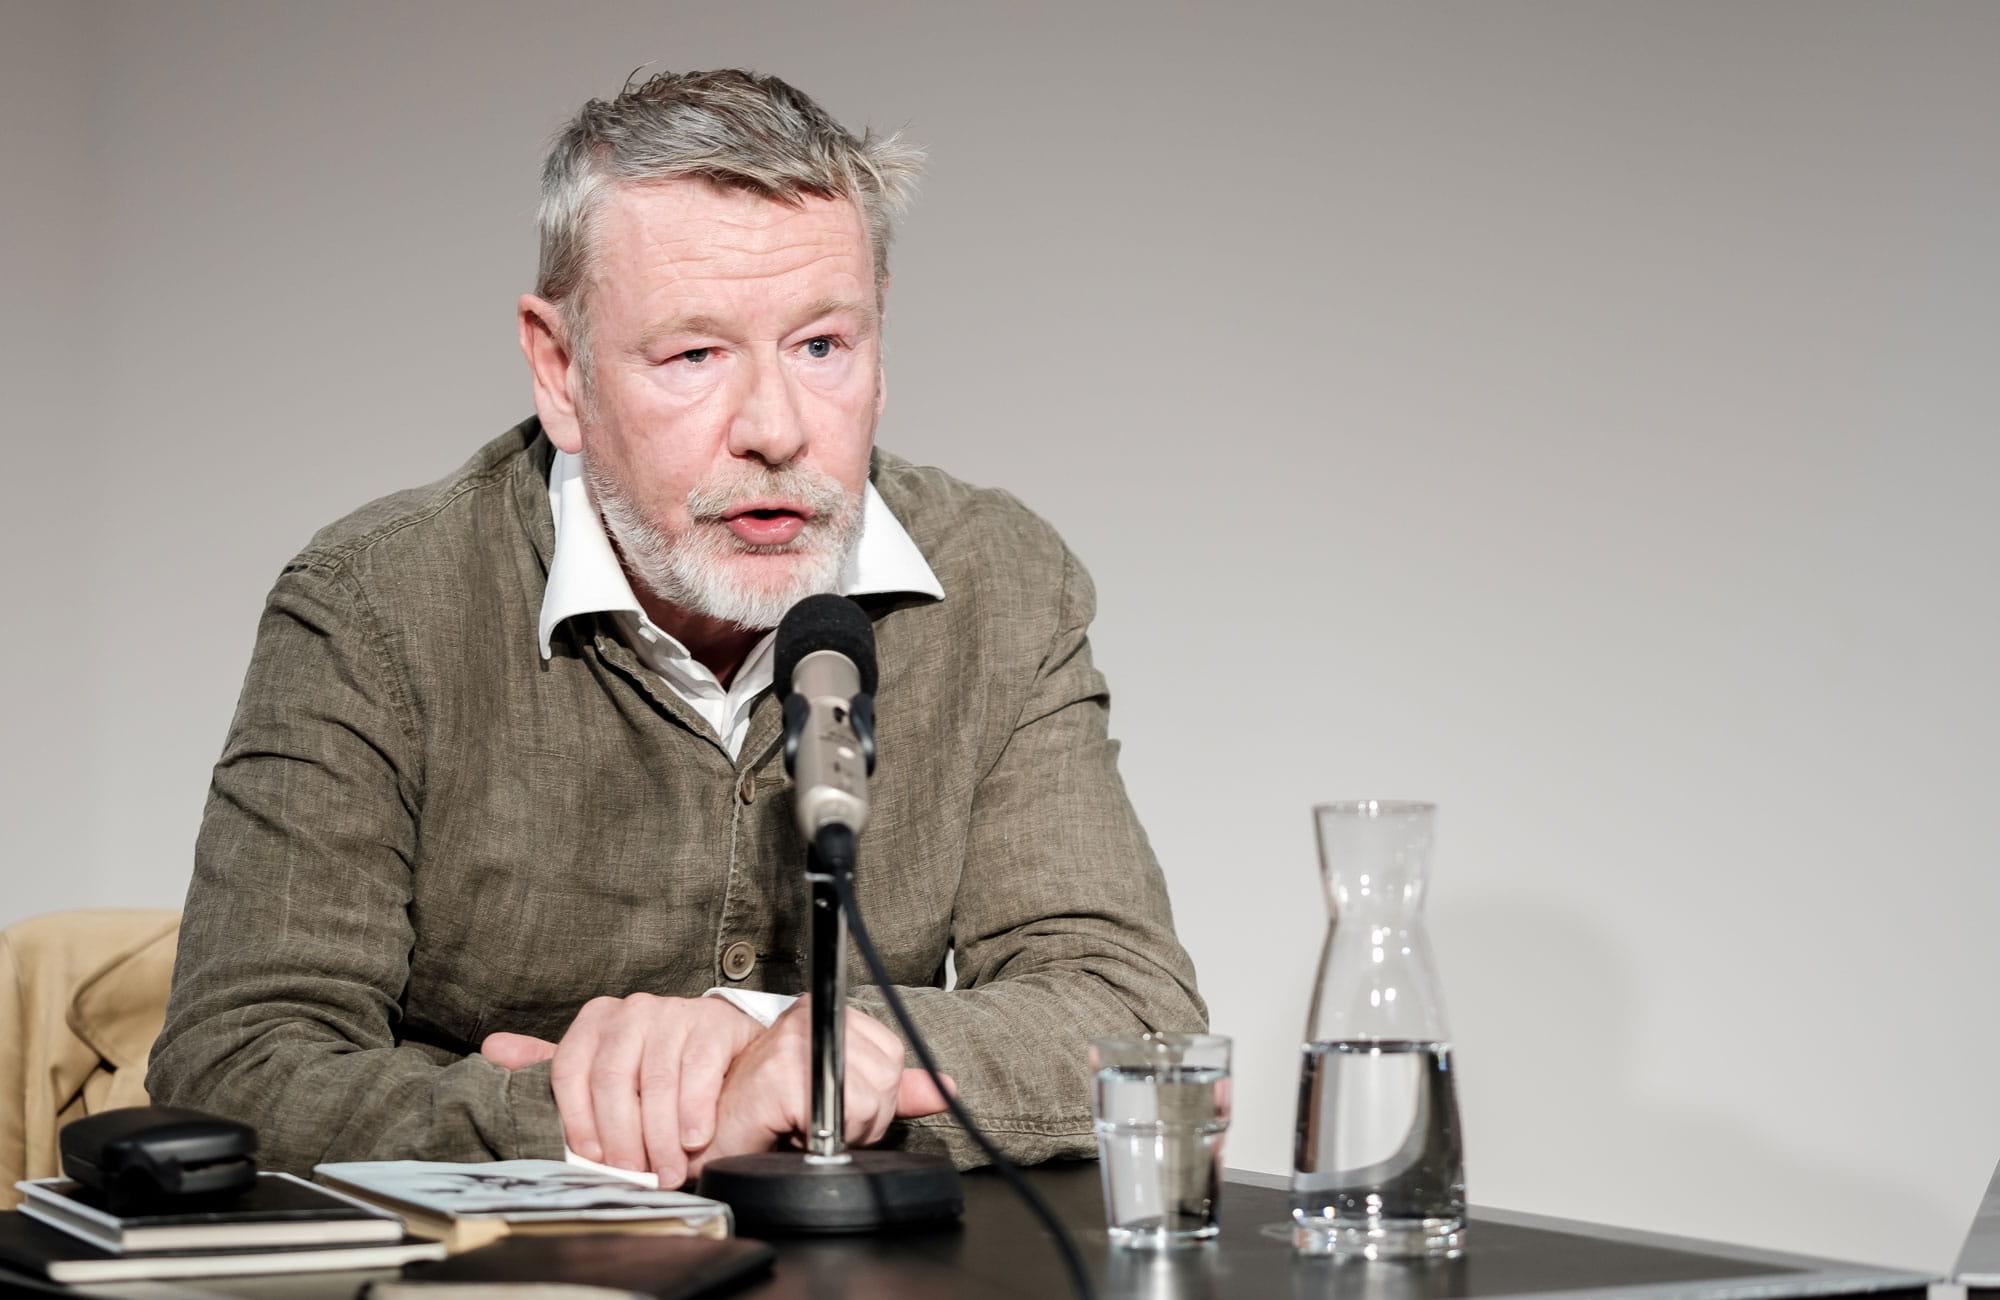 Tomas Espedal: Das Jahr,                                                               Donnerstag, 19.09.19               /                   19.30              Uhr                               <br/>(c) Sebastian Wenzel